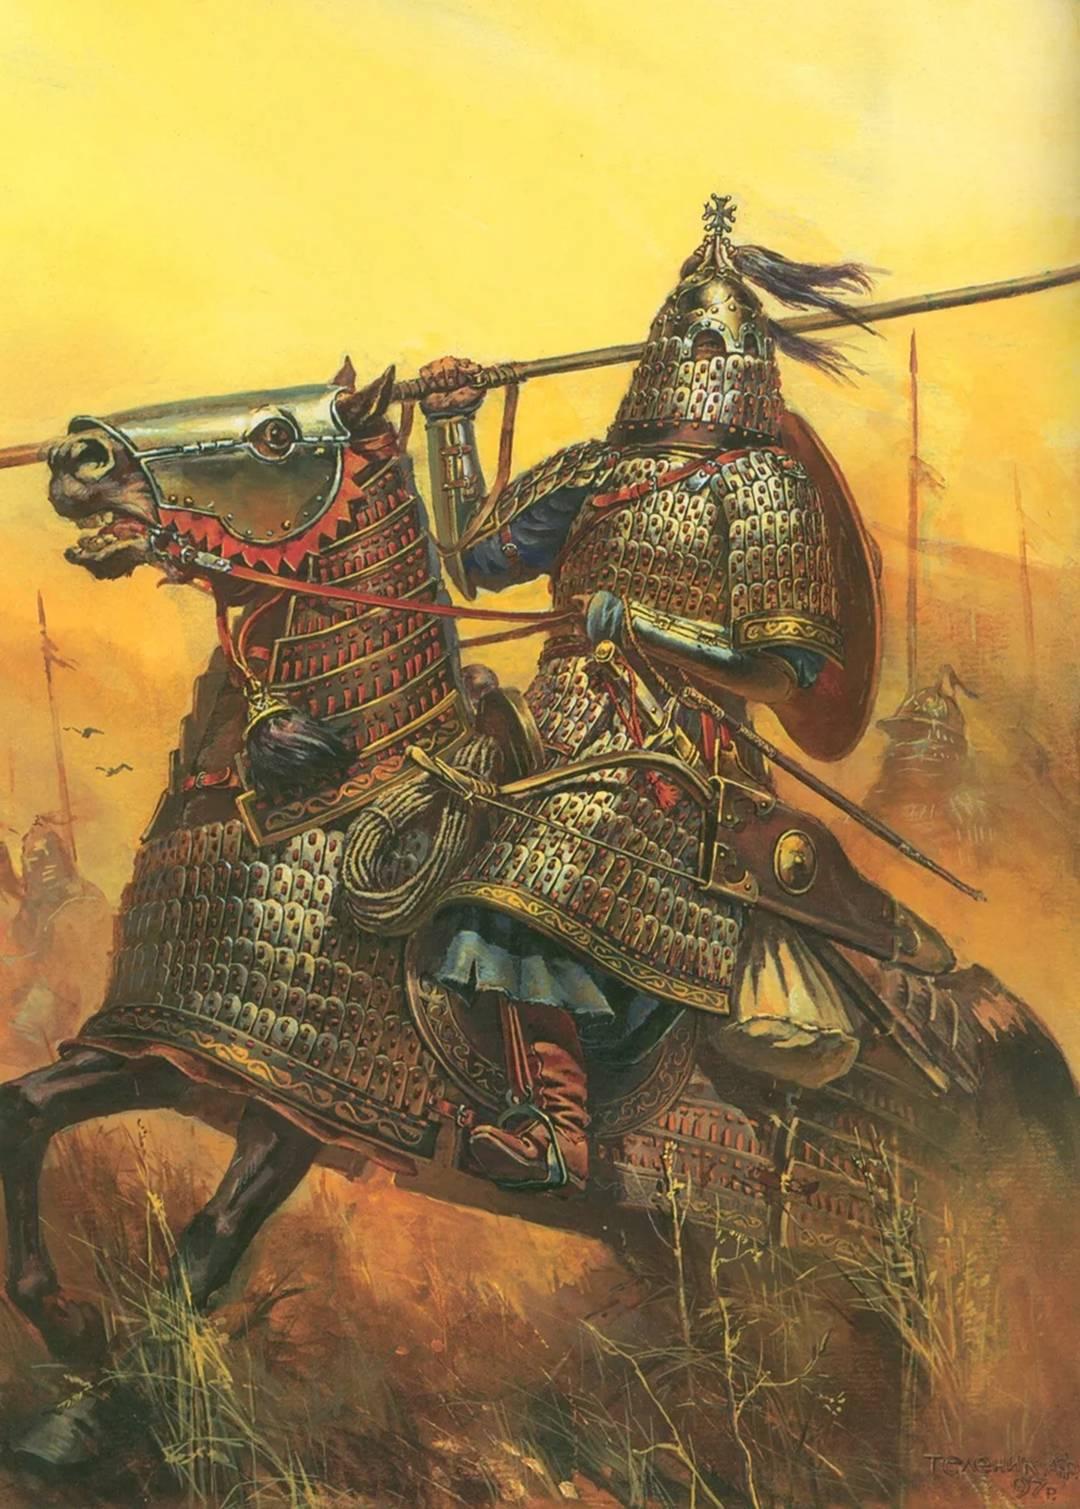 阿富汗是帝国坟场?成吉思汗征服下老实几百年,无数人是蒙古子孙  阿富汗地图